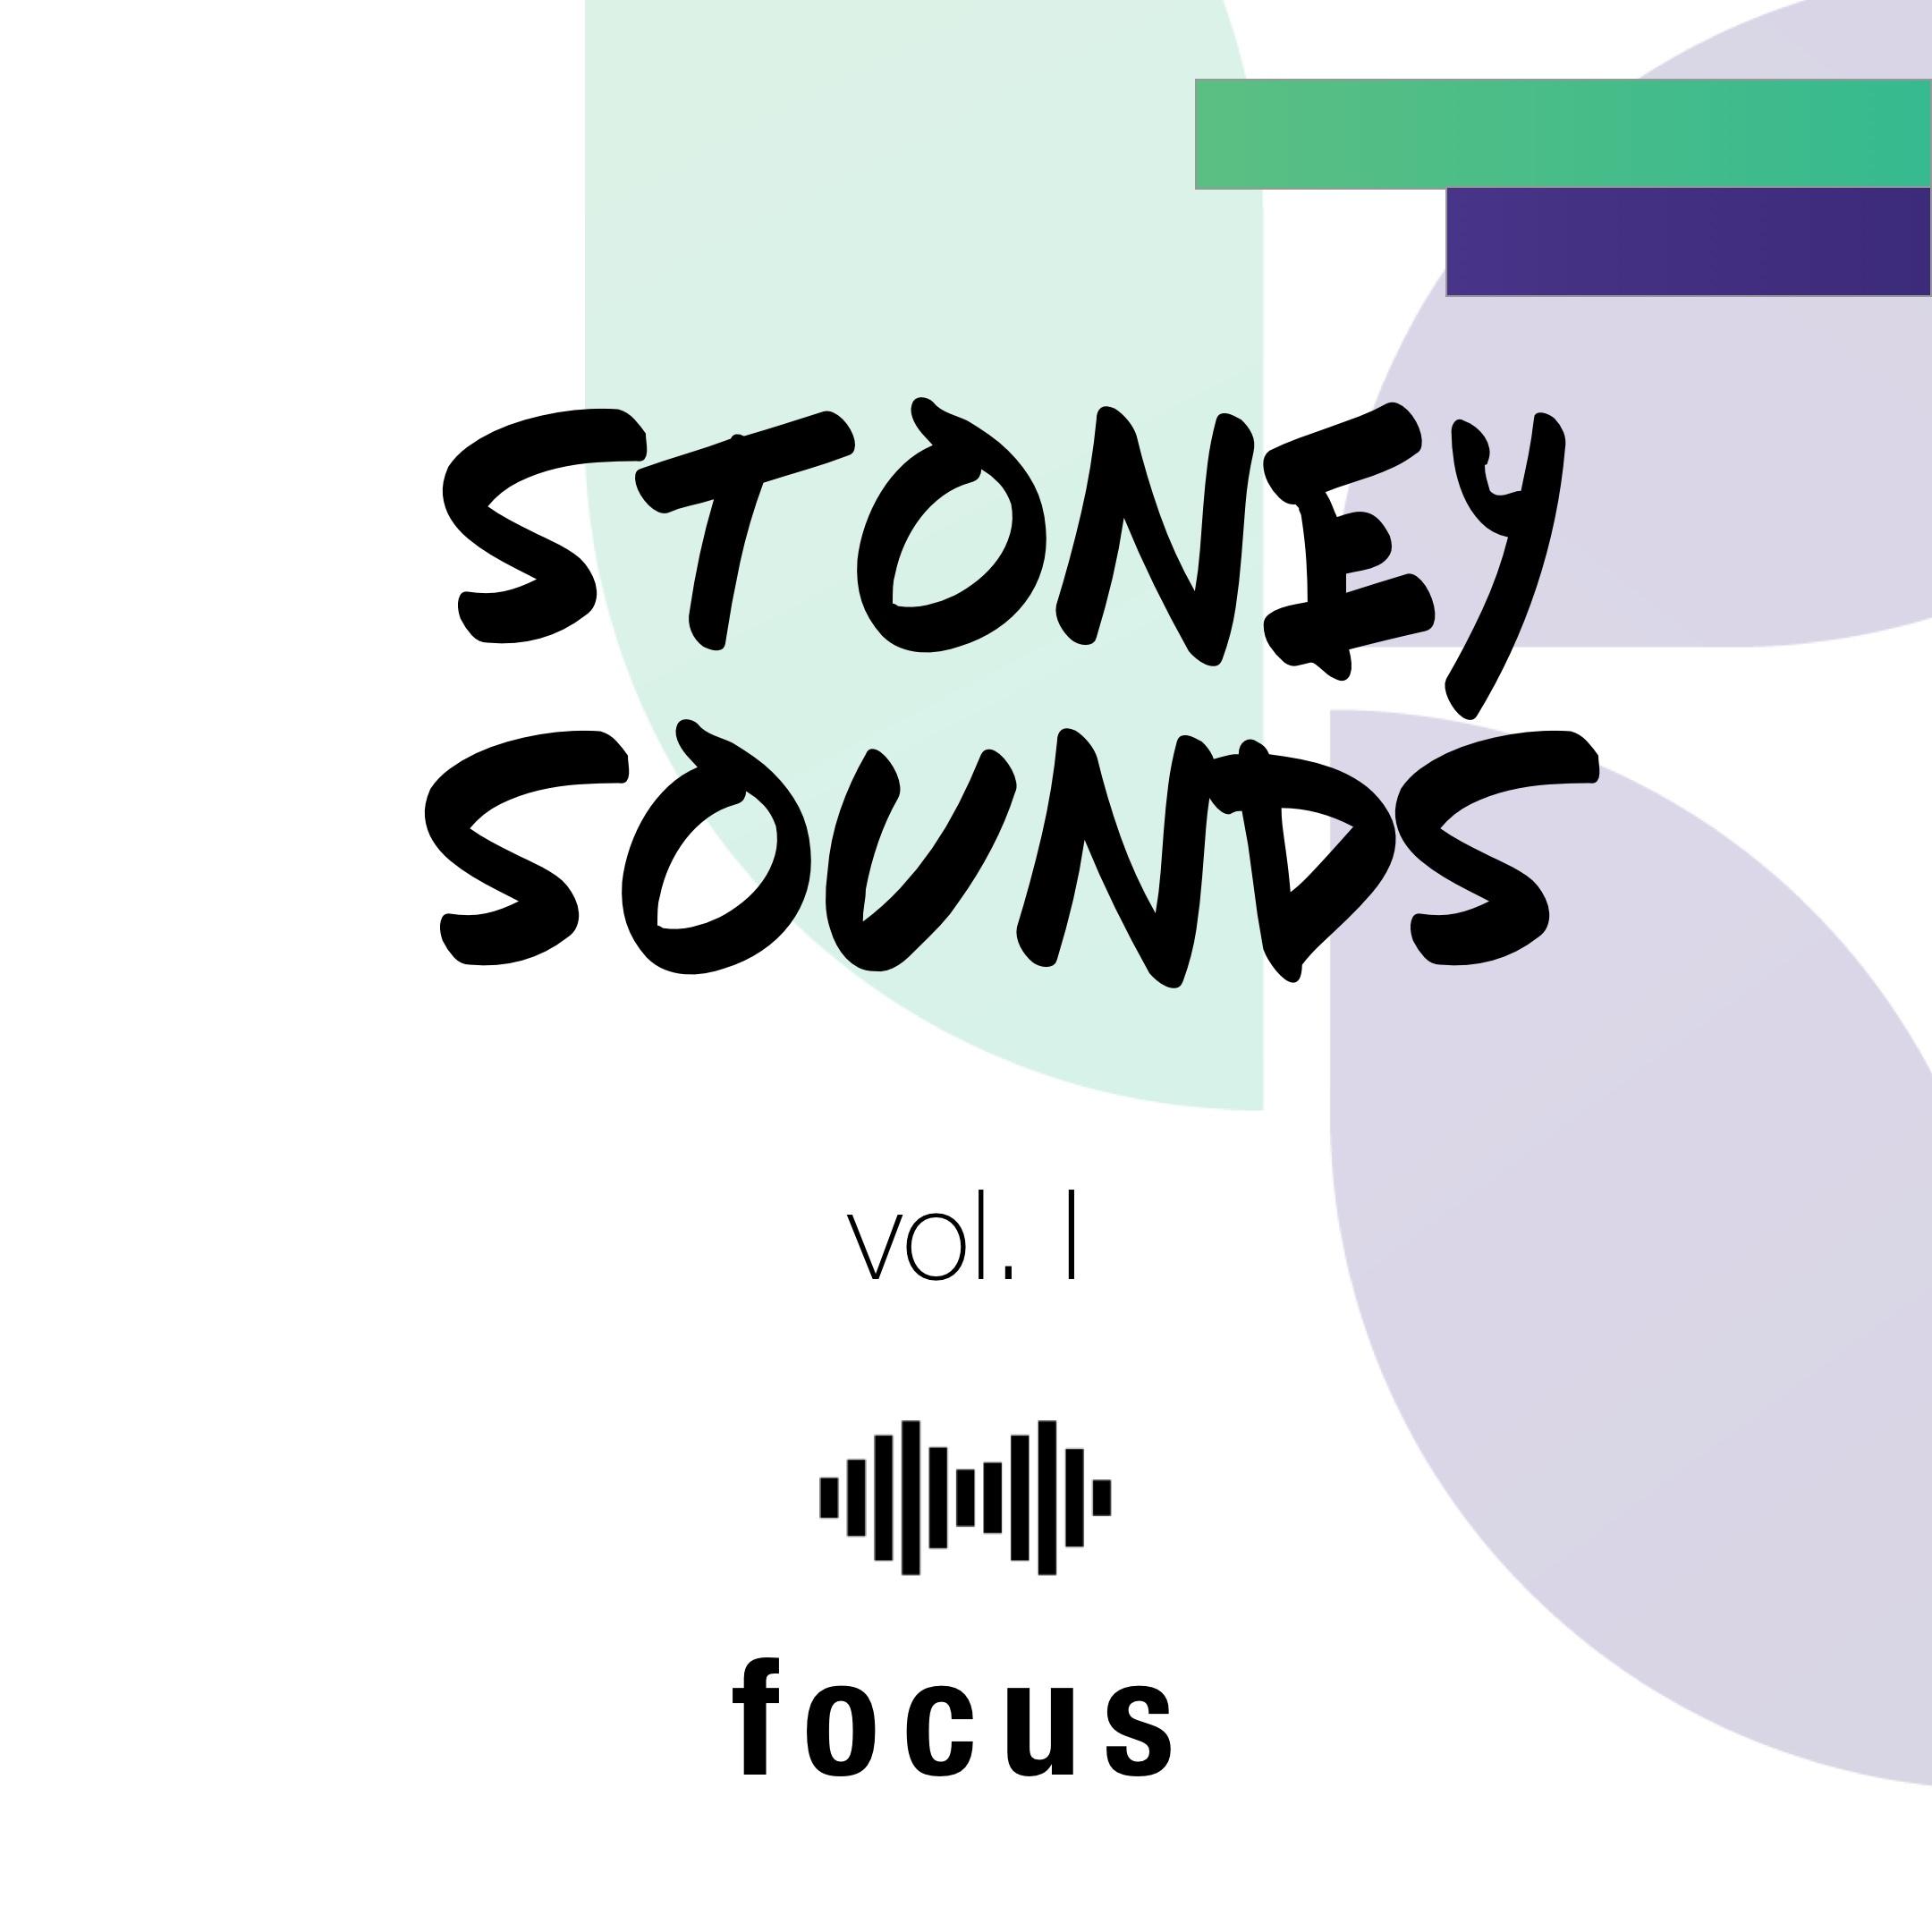 Stoney Sounds (vol. I) - Focus